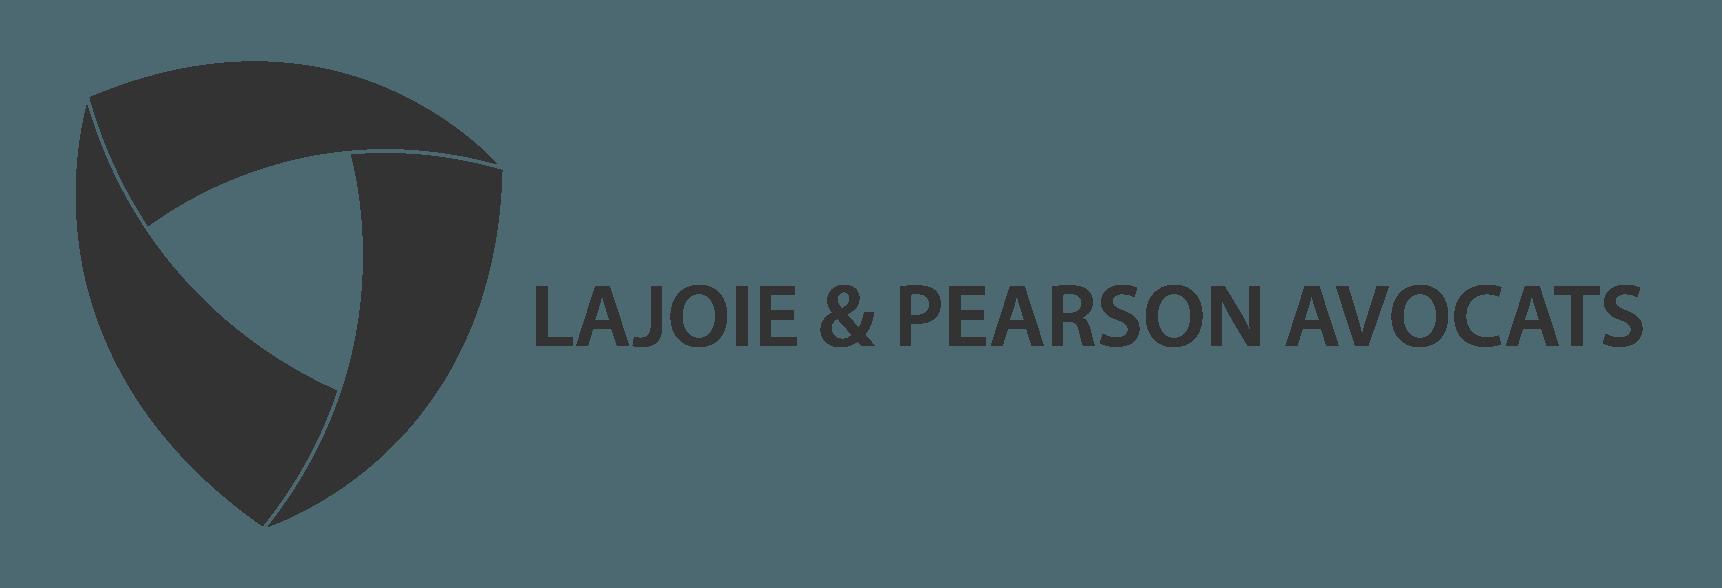 Maître Lajoie et Maître Pearson Avocats à Québec Avocats à Québec spécialisés en droit civil, droit de la famille, droit des affaires, droit des technologies de l'information